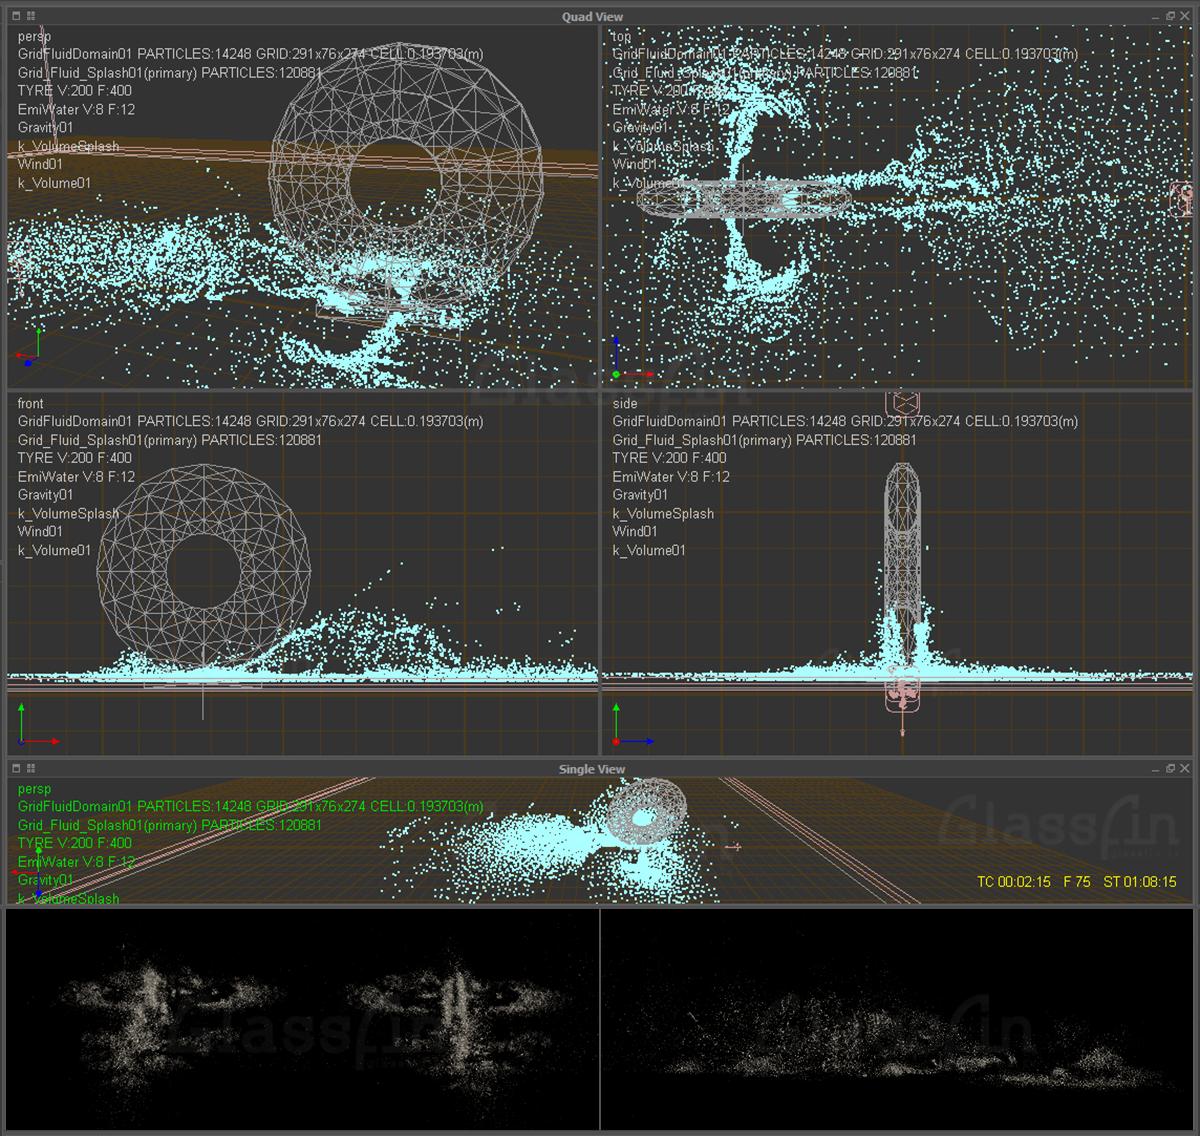 Dust particles simulation